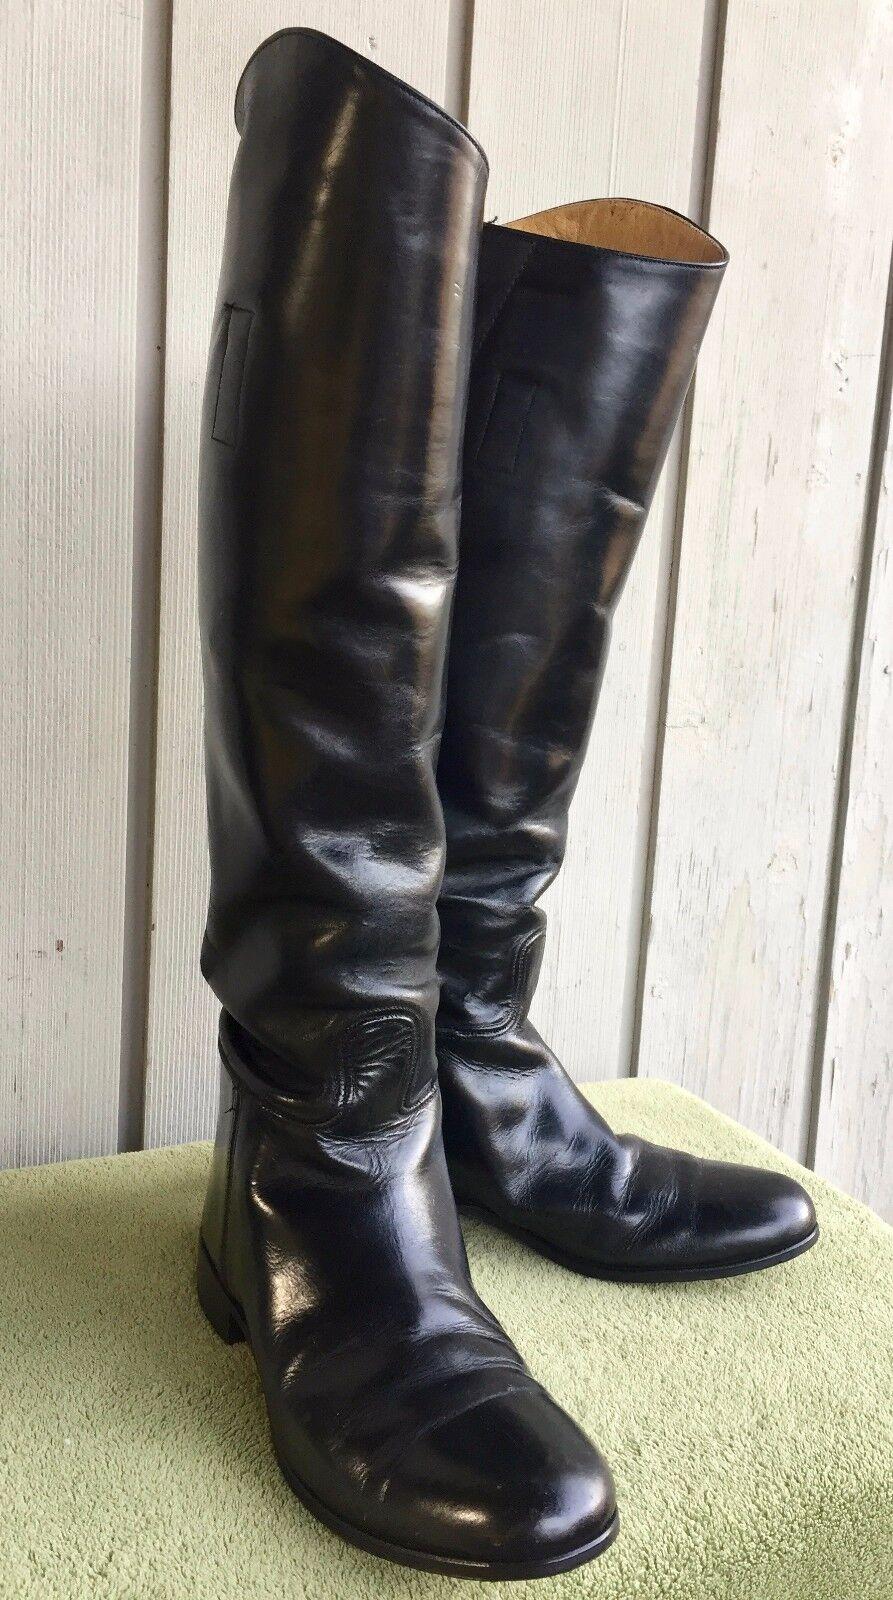 Miller Stockman botas De Montar Para Mujer 7.5W Negro Cuero Ecuestre Mostrar Thin piernas